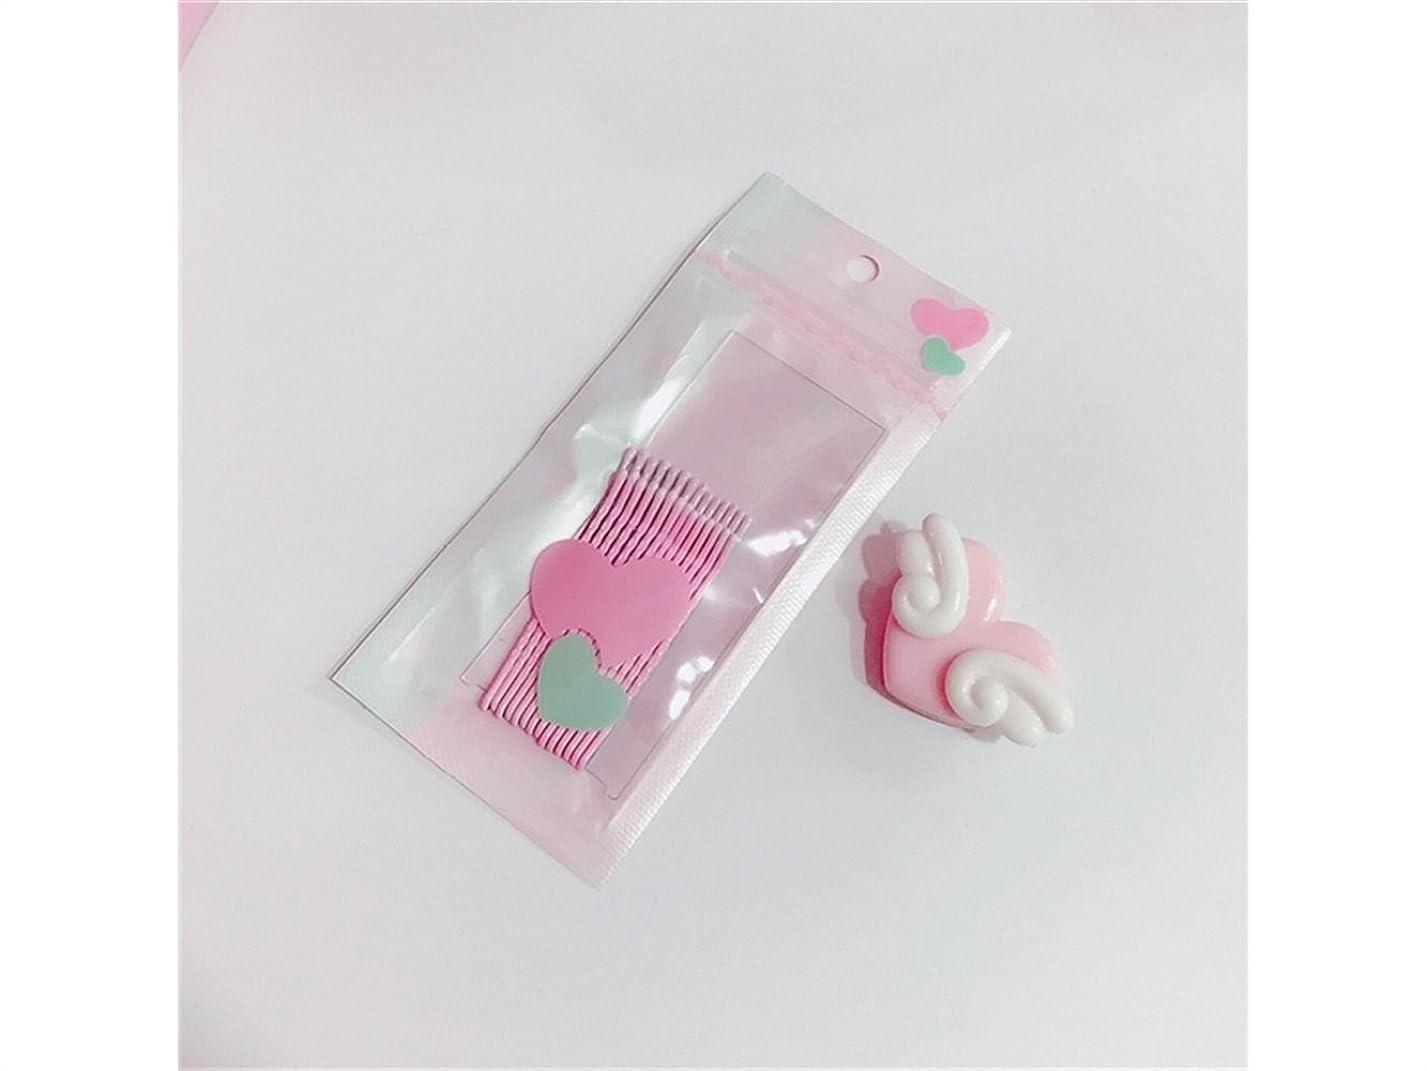 ふける運ぶ夫婦Osize 美しいスタイル ワードクリップウェーブクリップキャンディーカラーヘアクリップバンズヘアピン(ライトピンク)